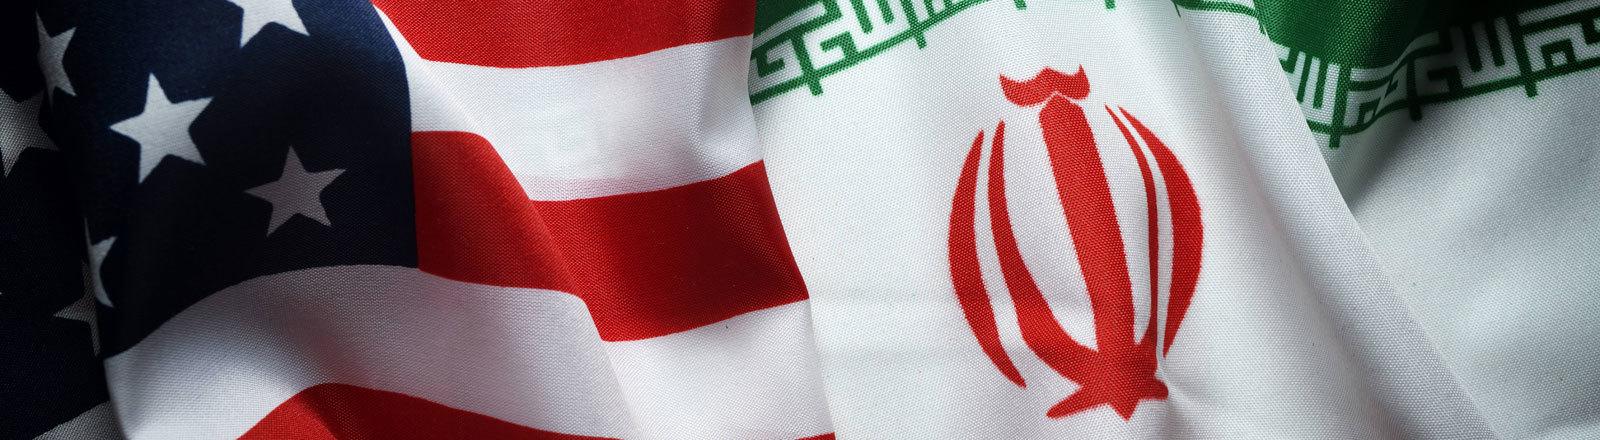 Grafik: Die Flaggen von Iran und USA liegen nebeneinander.